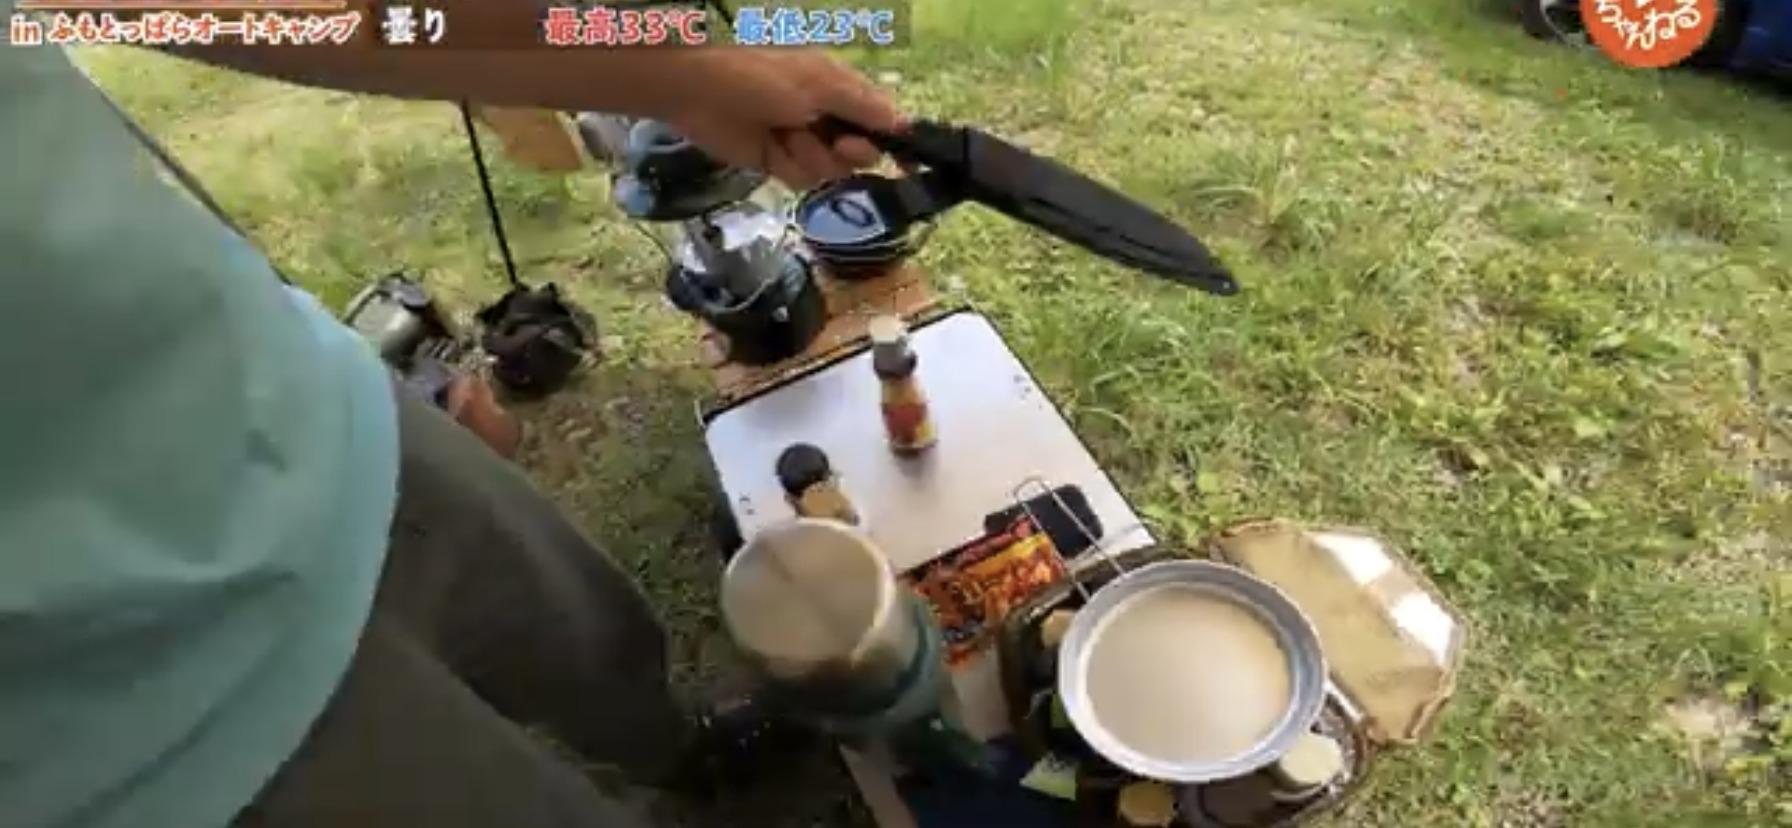 ナイフ:【Gサカイ】折りたたみナイフ プレッピー